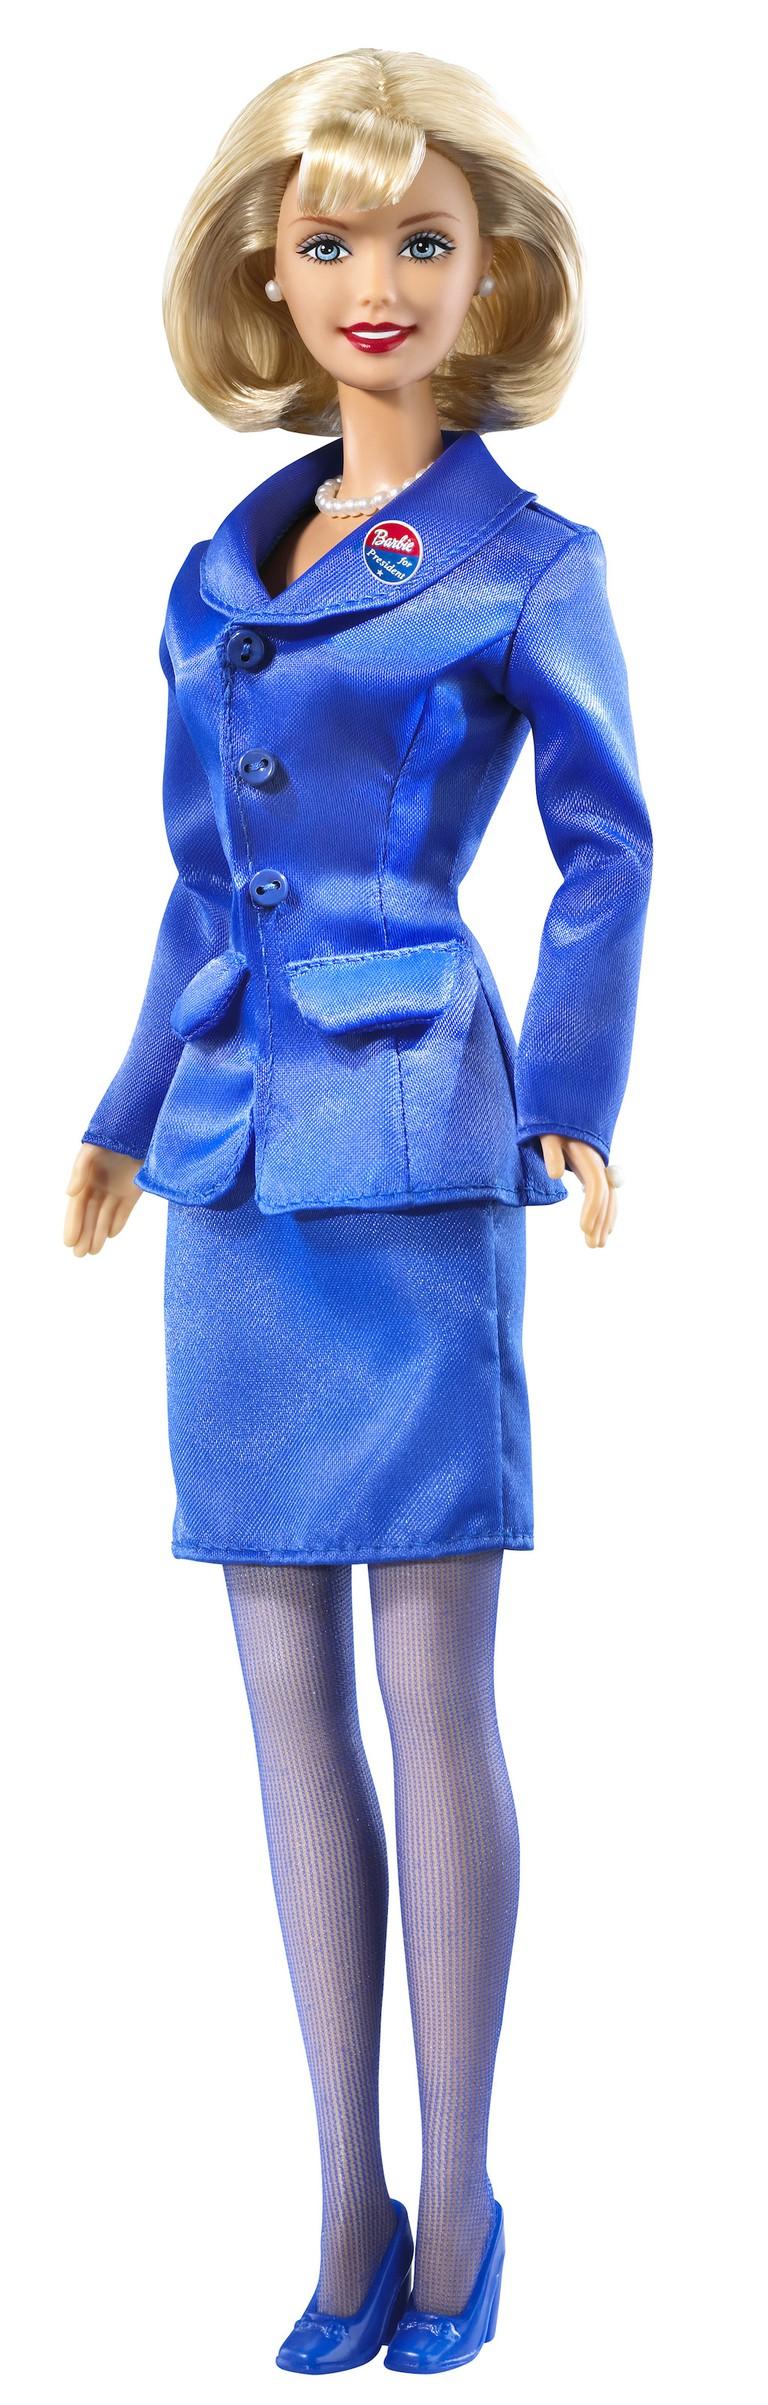 Barbie for President, 1992 courtesy of Mattel